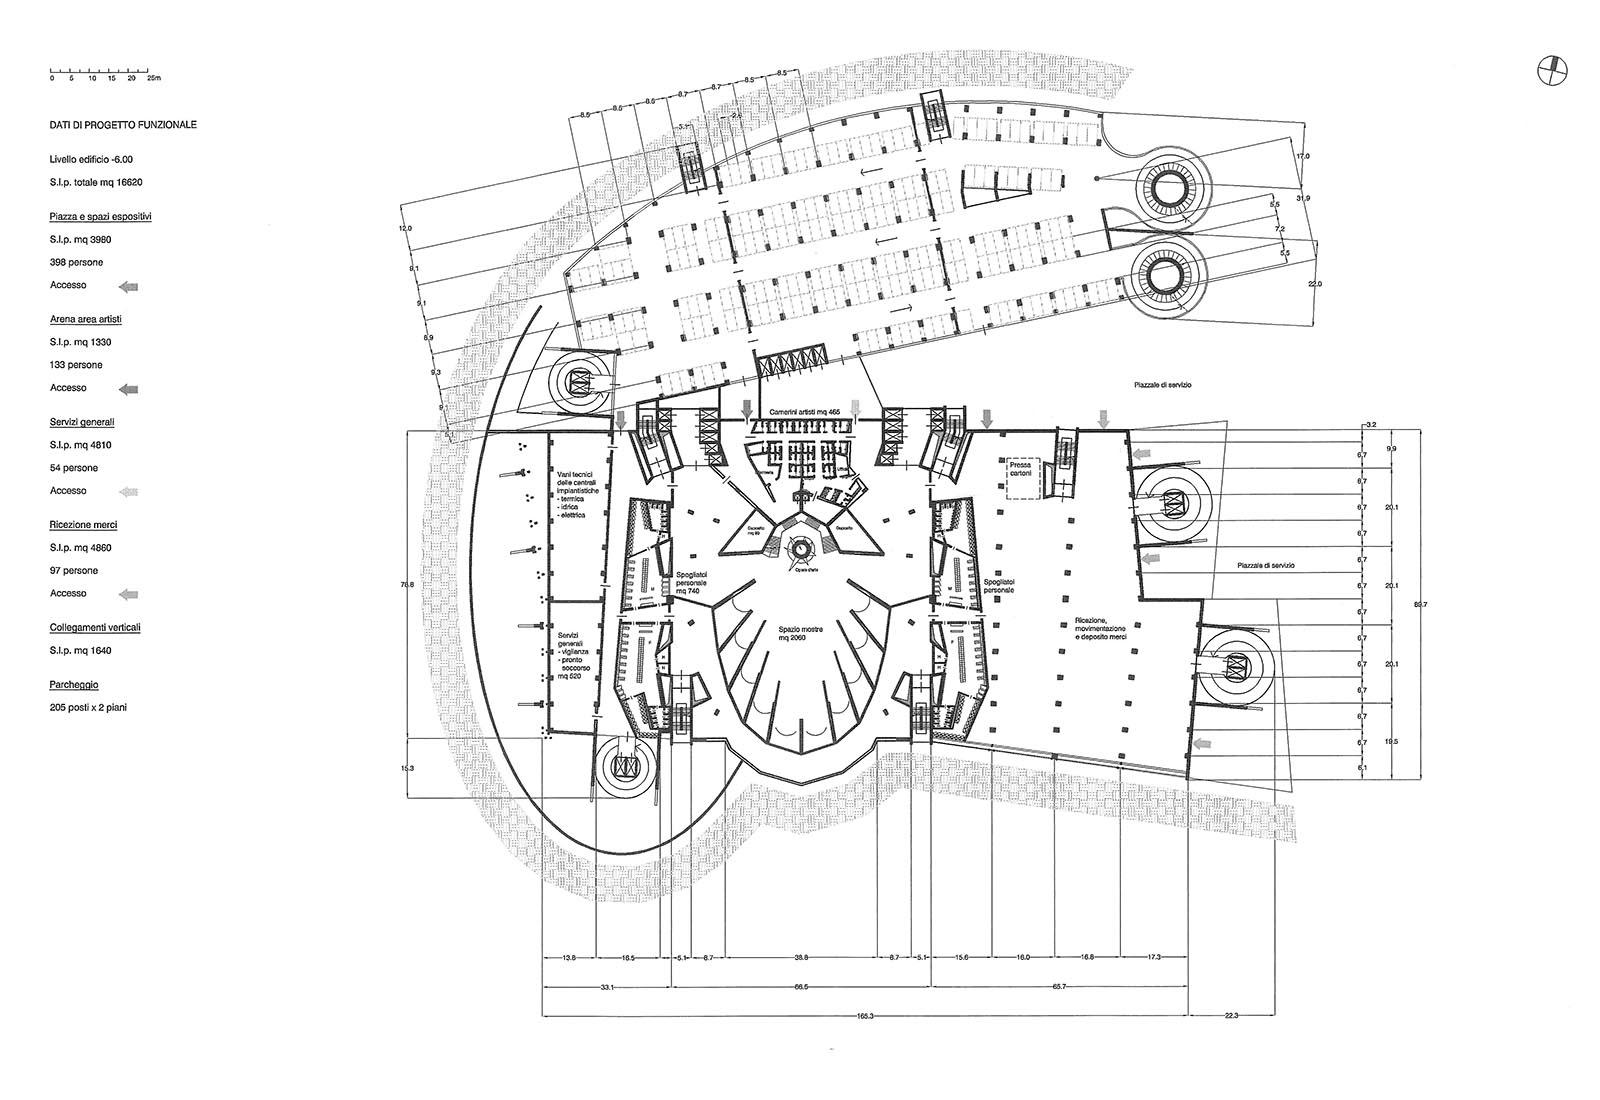 Leisure center a Rho - Pianta piano interrato